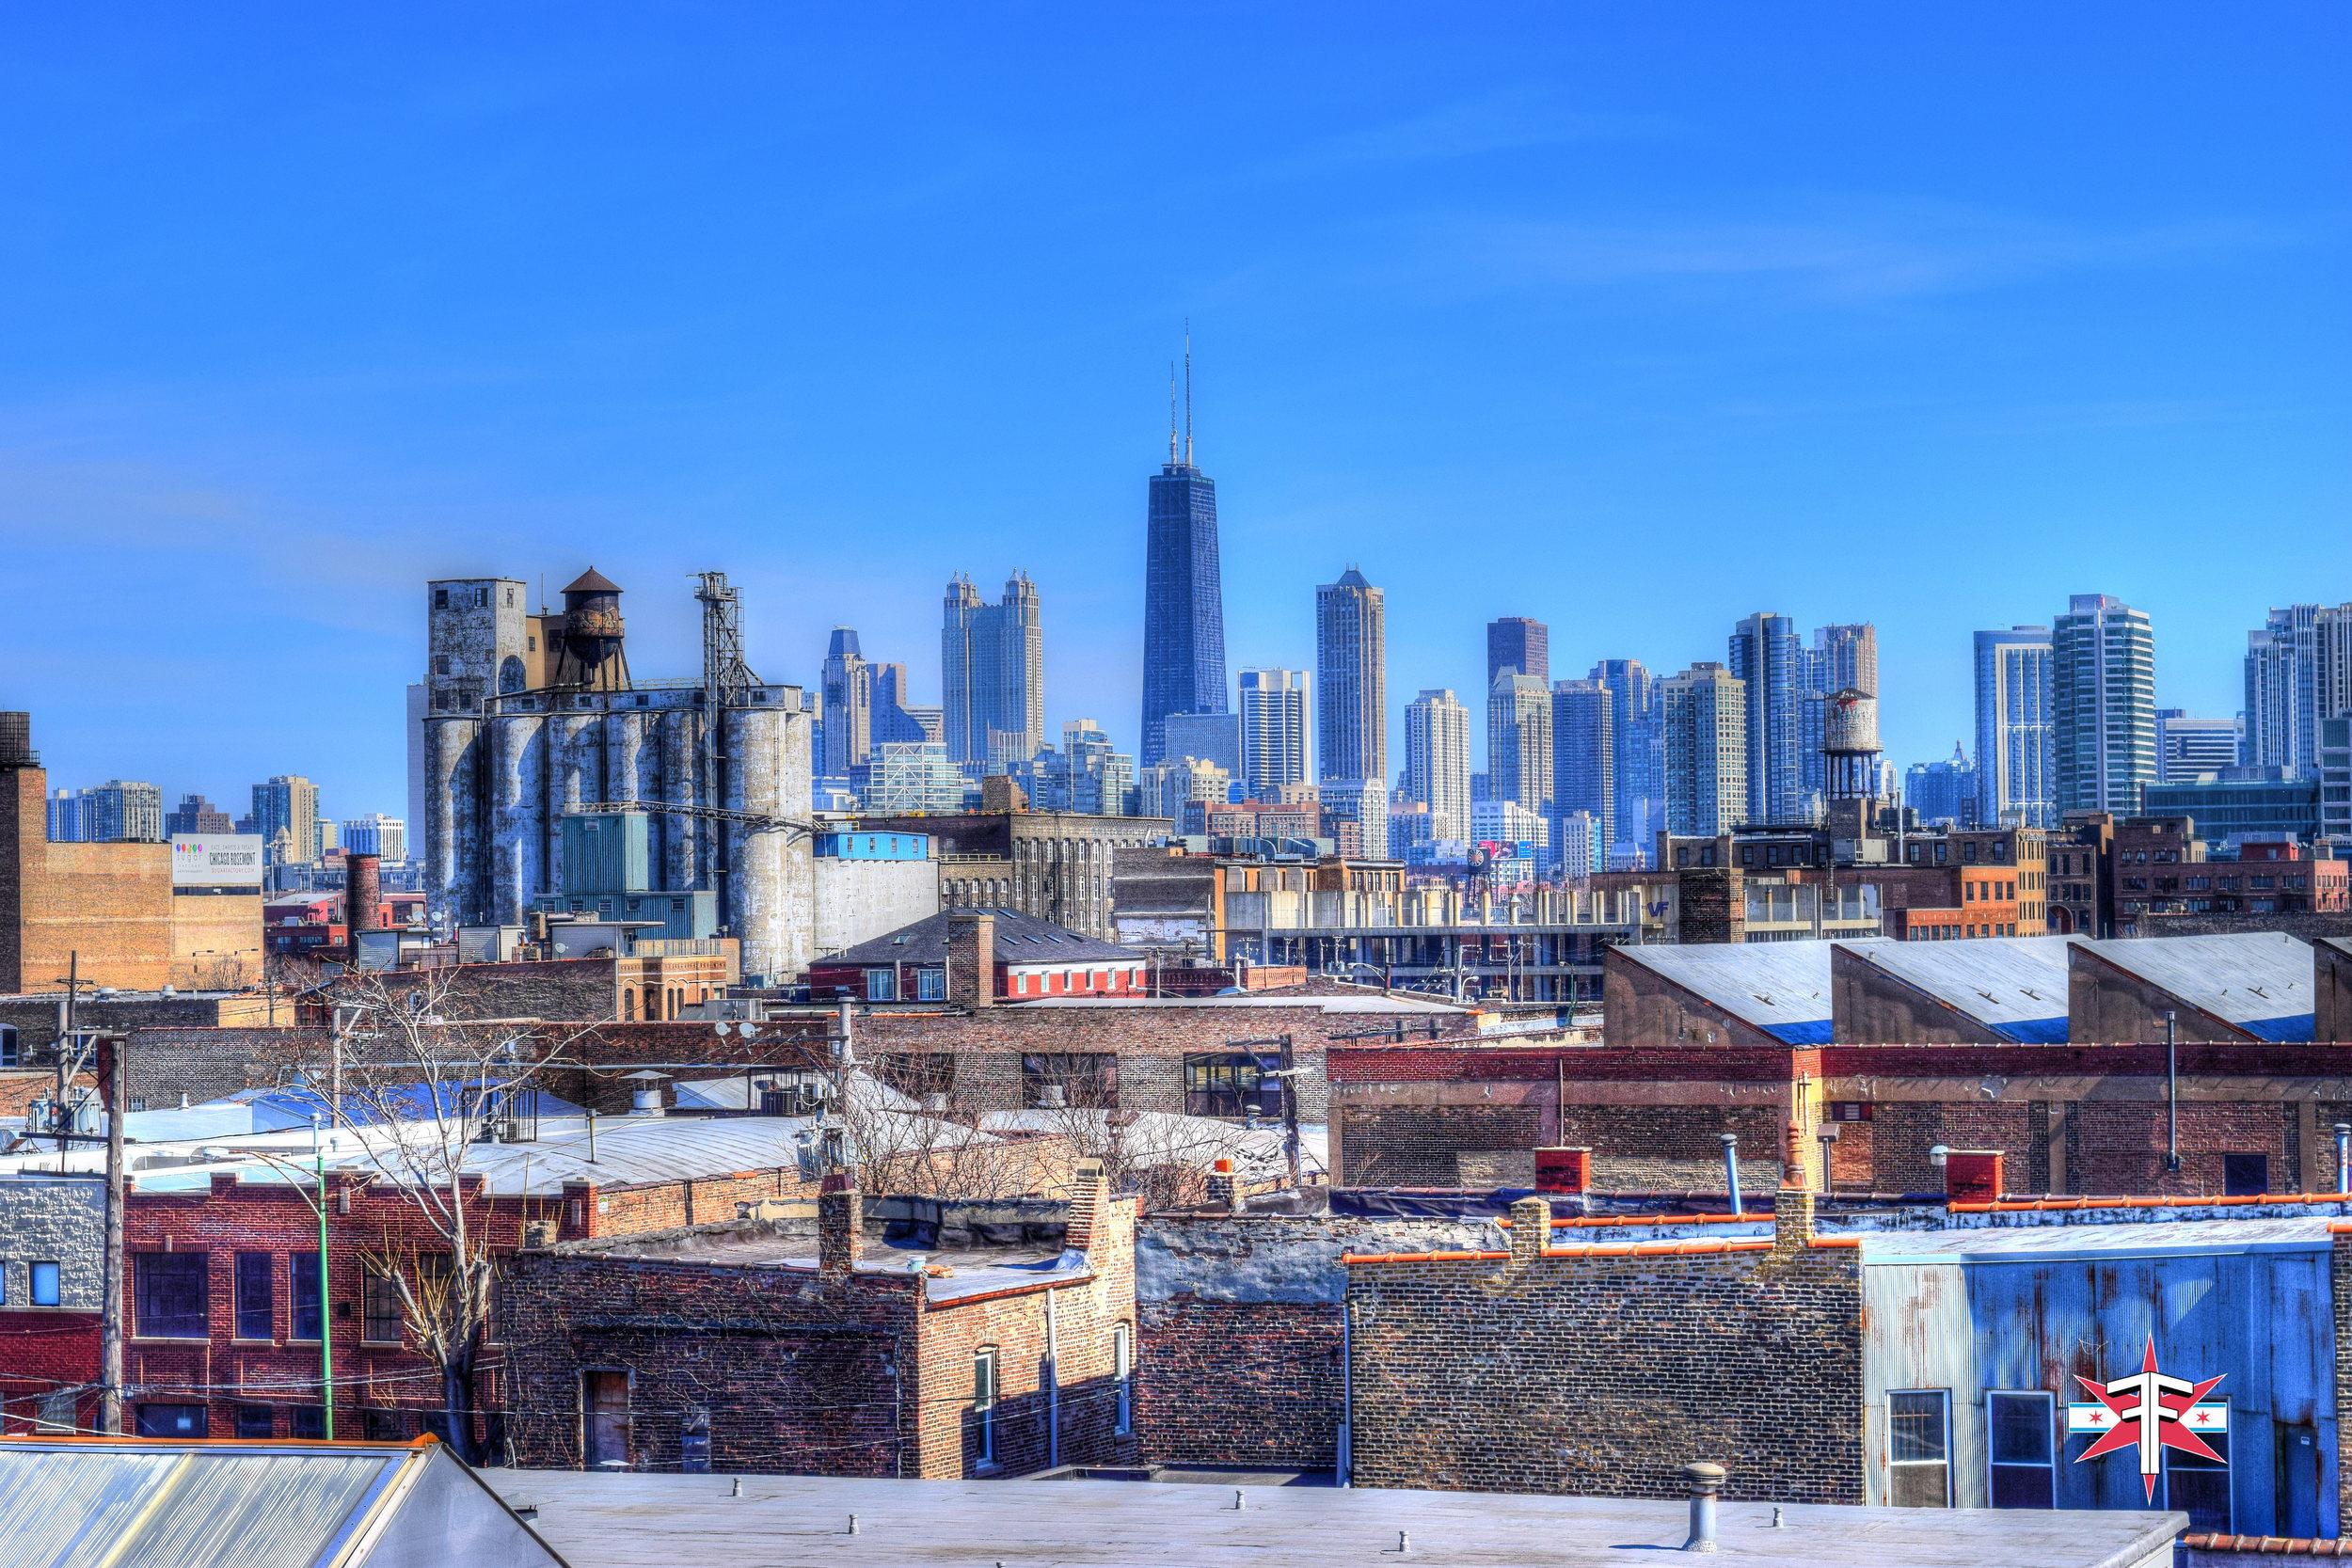 chicago art architecture eric formato photography design arquitectura architettura buildings skyscraper skyscrapers-111.jpg